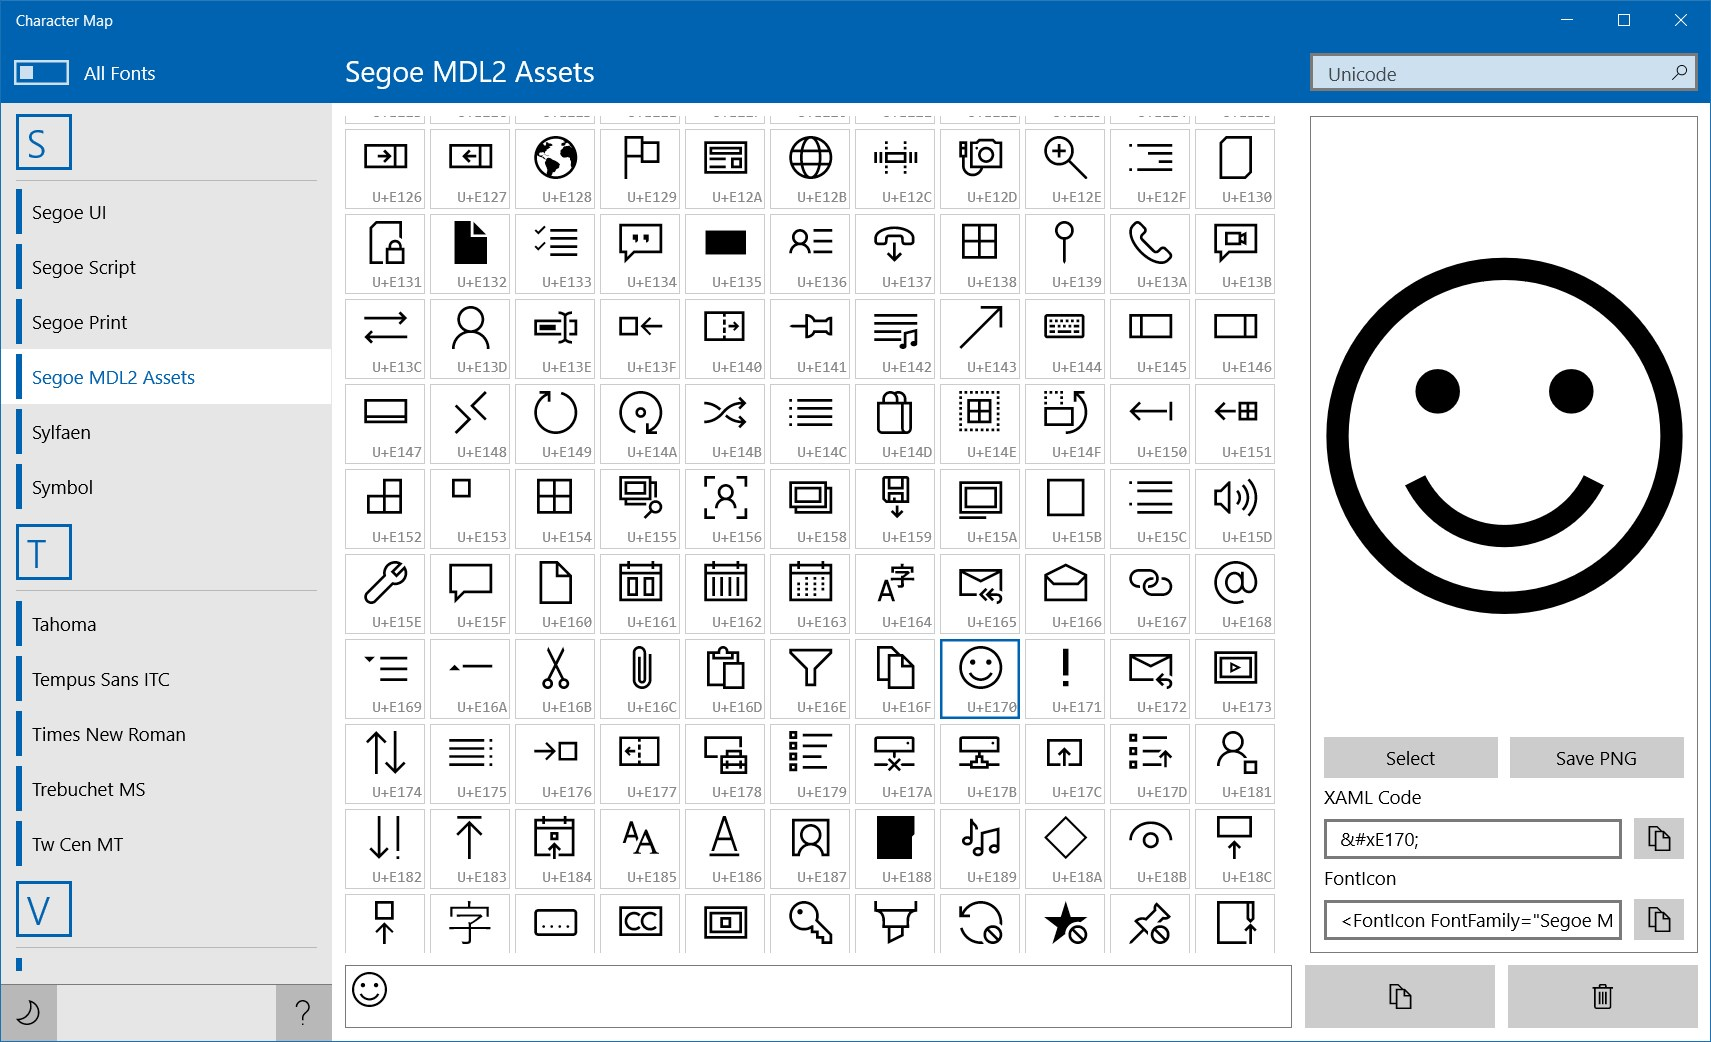 Zeichentabelle Windows